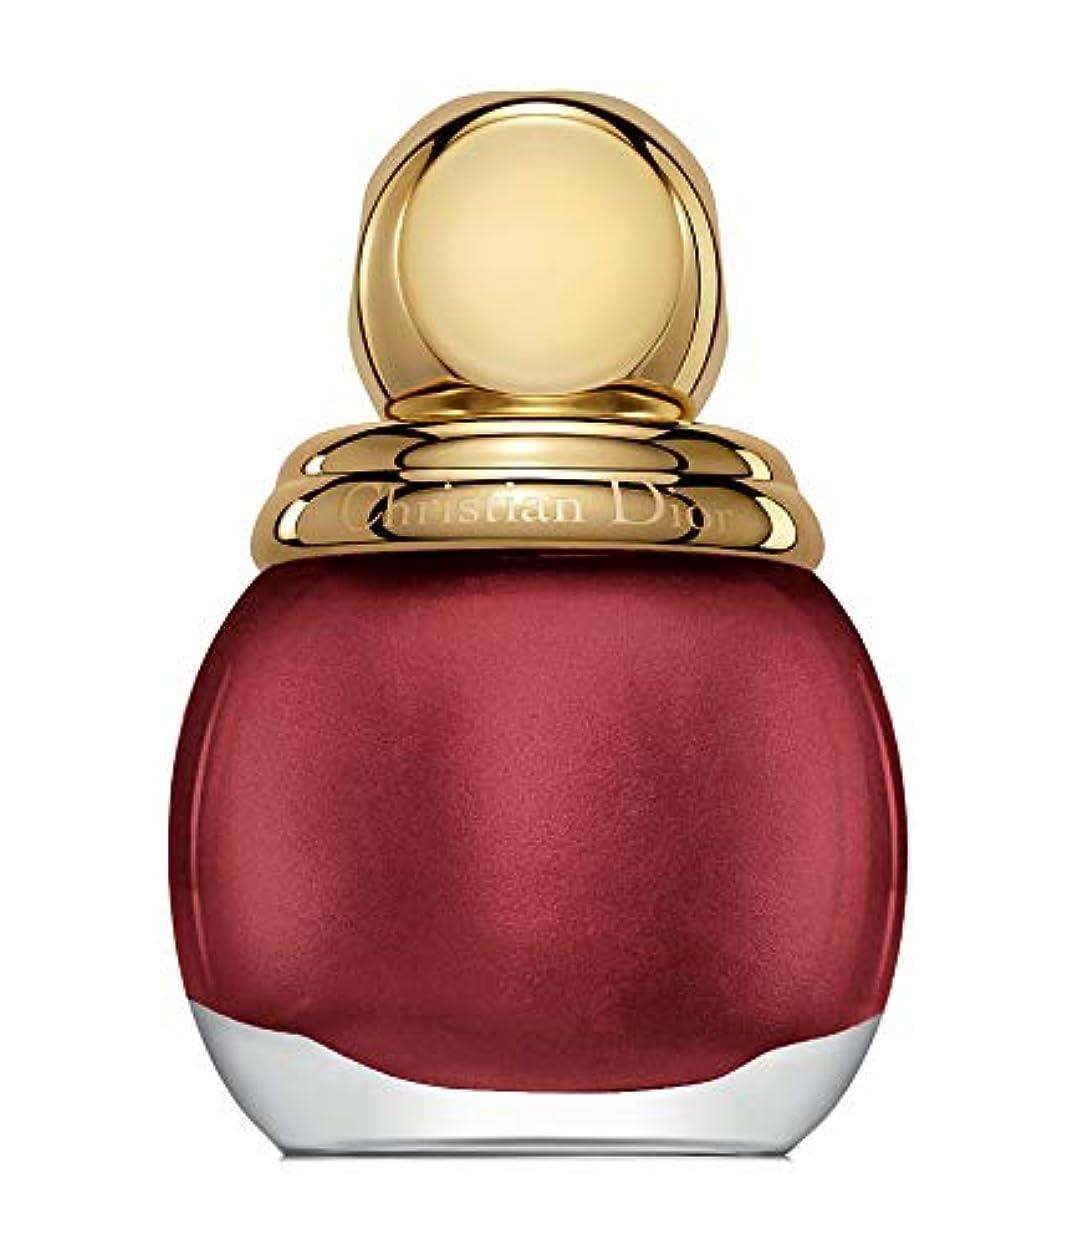 勤勉なぬるい使用法ディオール ヴェルニ ディオリフィック #760 トリオンフ 限定 Dior ネイル ネイルカラー